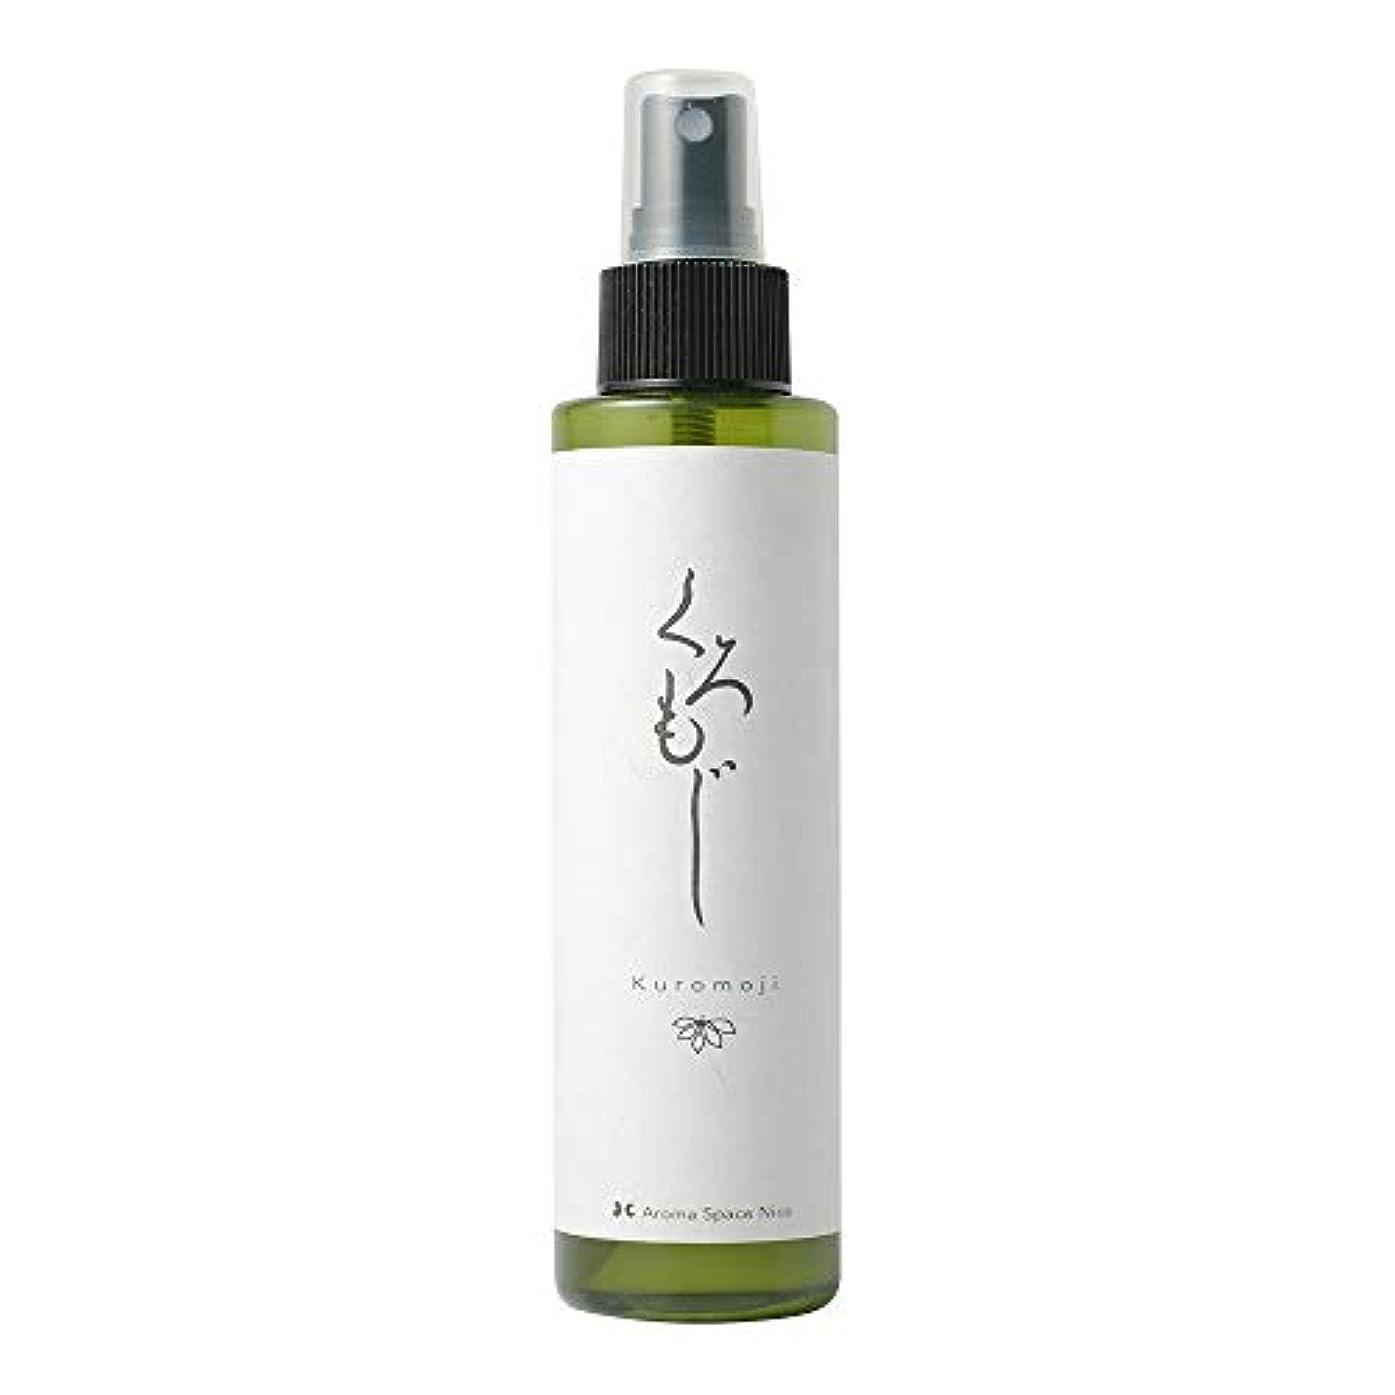 ランチシャーク風が強い無添加 さっぱり 化粧水 [NICOクロモジハーブウォーター(150ml)] 敏感肌 ミスト 天然成分100% 心が和む和の香り …